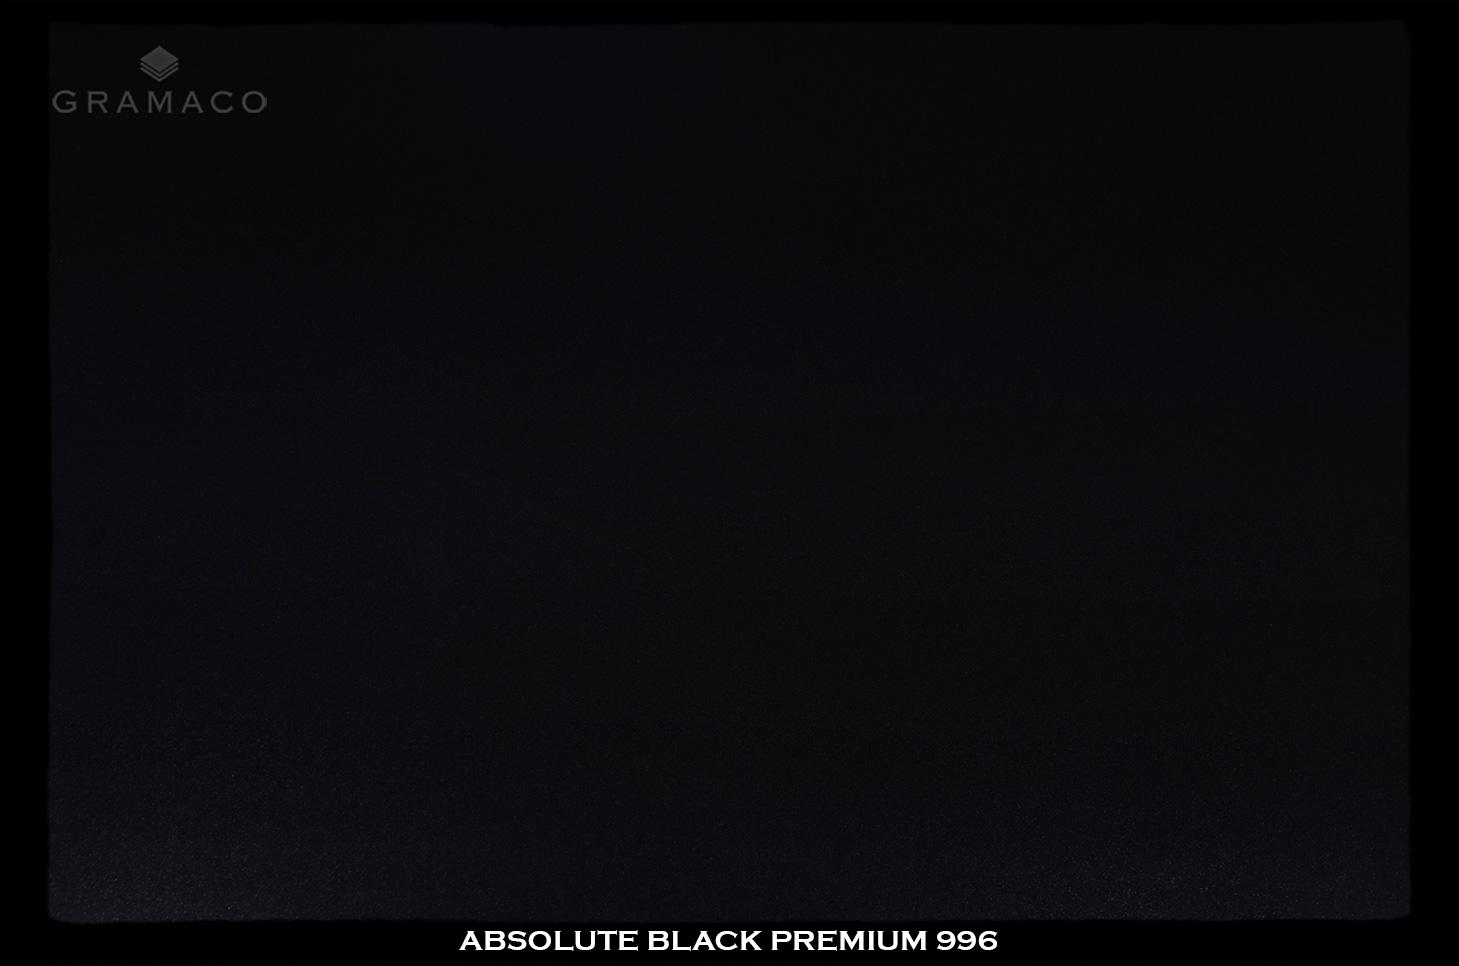 absolute-black-premium-996